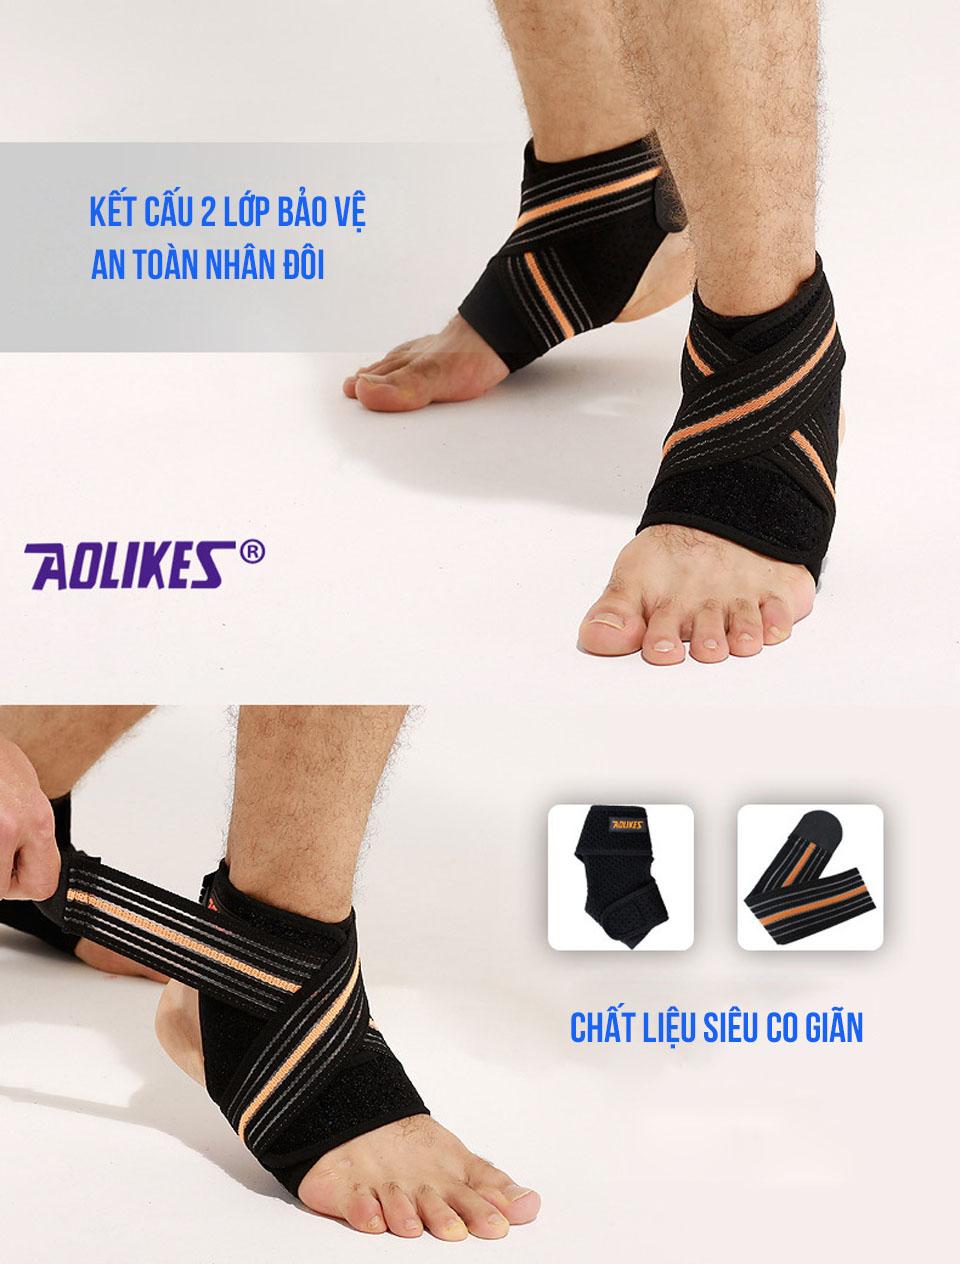 Kết cấu 2 lớp của cuốn bảo vệ mắt cá chân